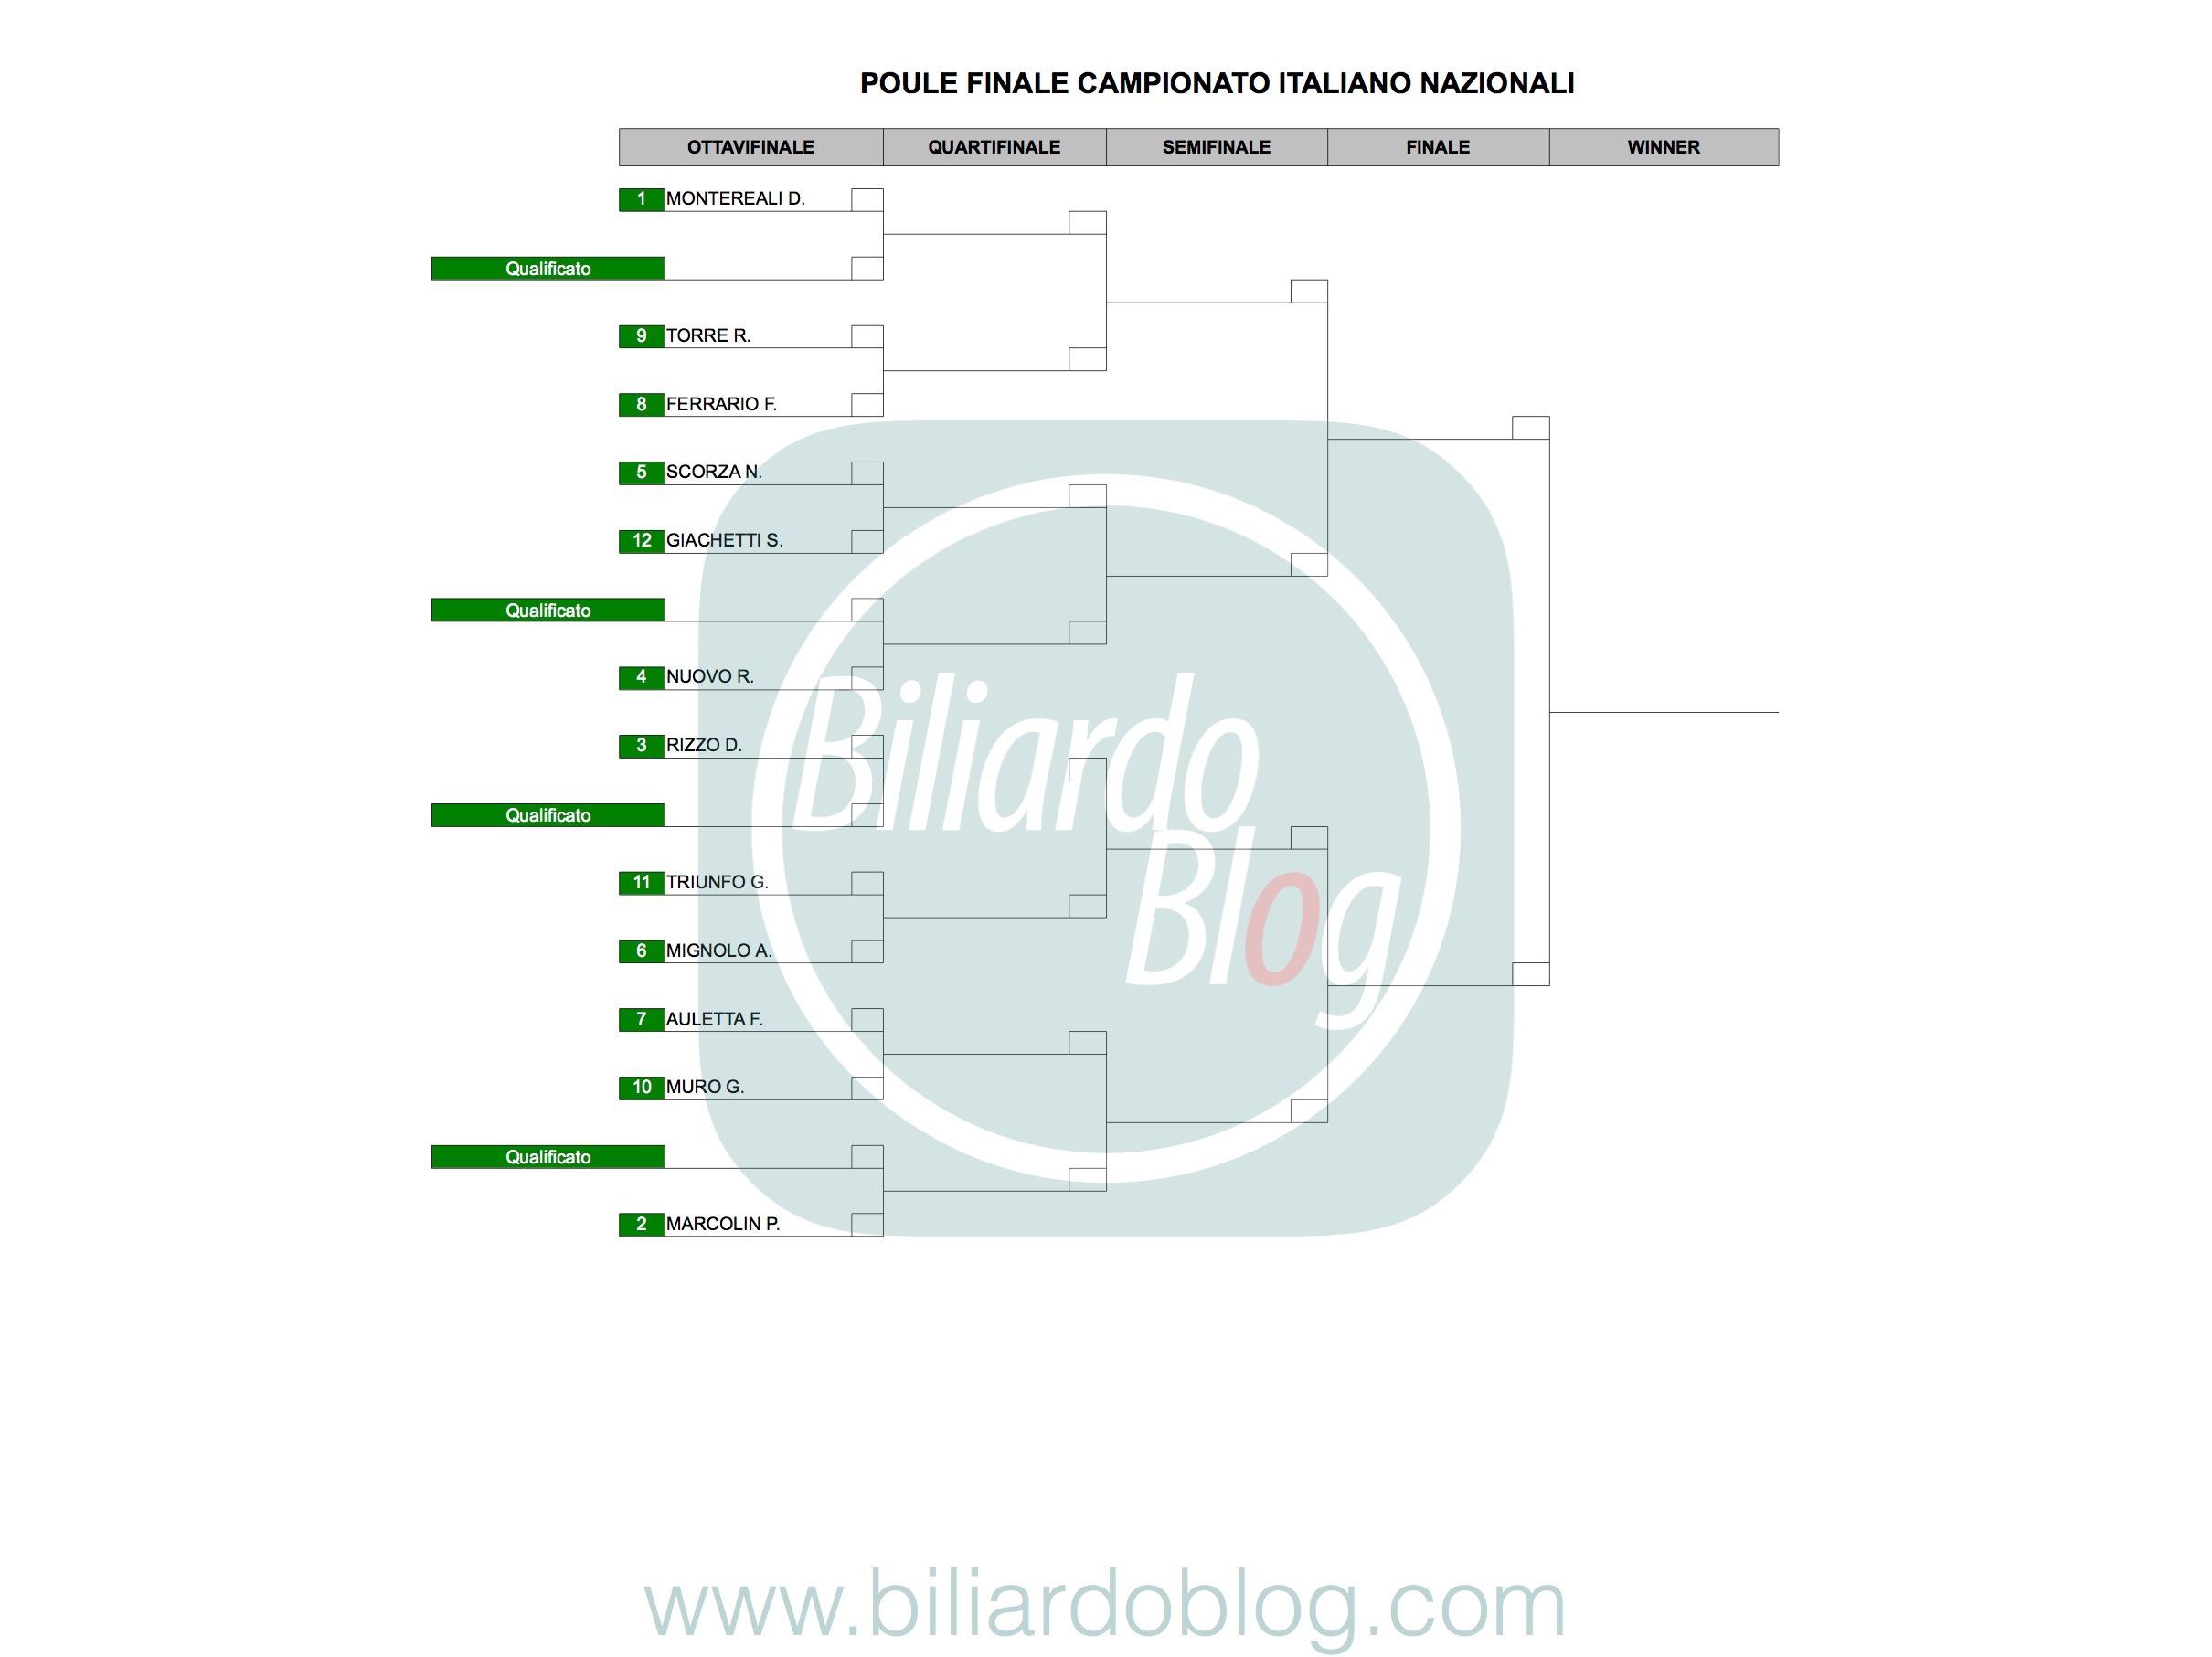 Le Finali del Campionato Italiano di Biliardo 2017 2018: gliglia Nazionali